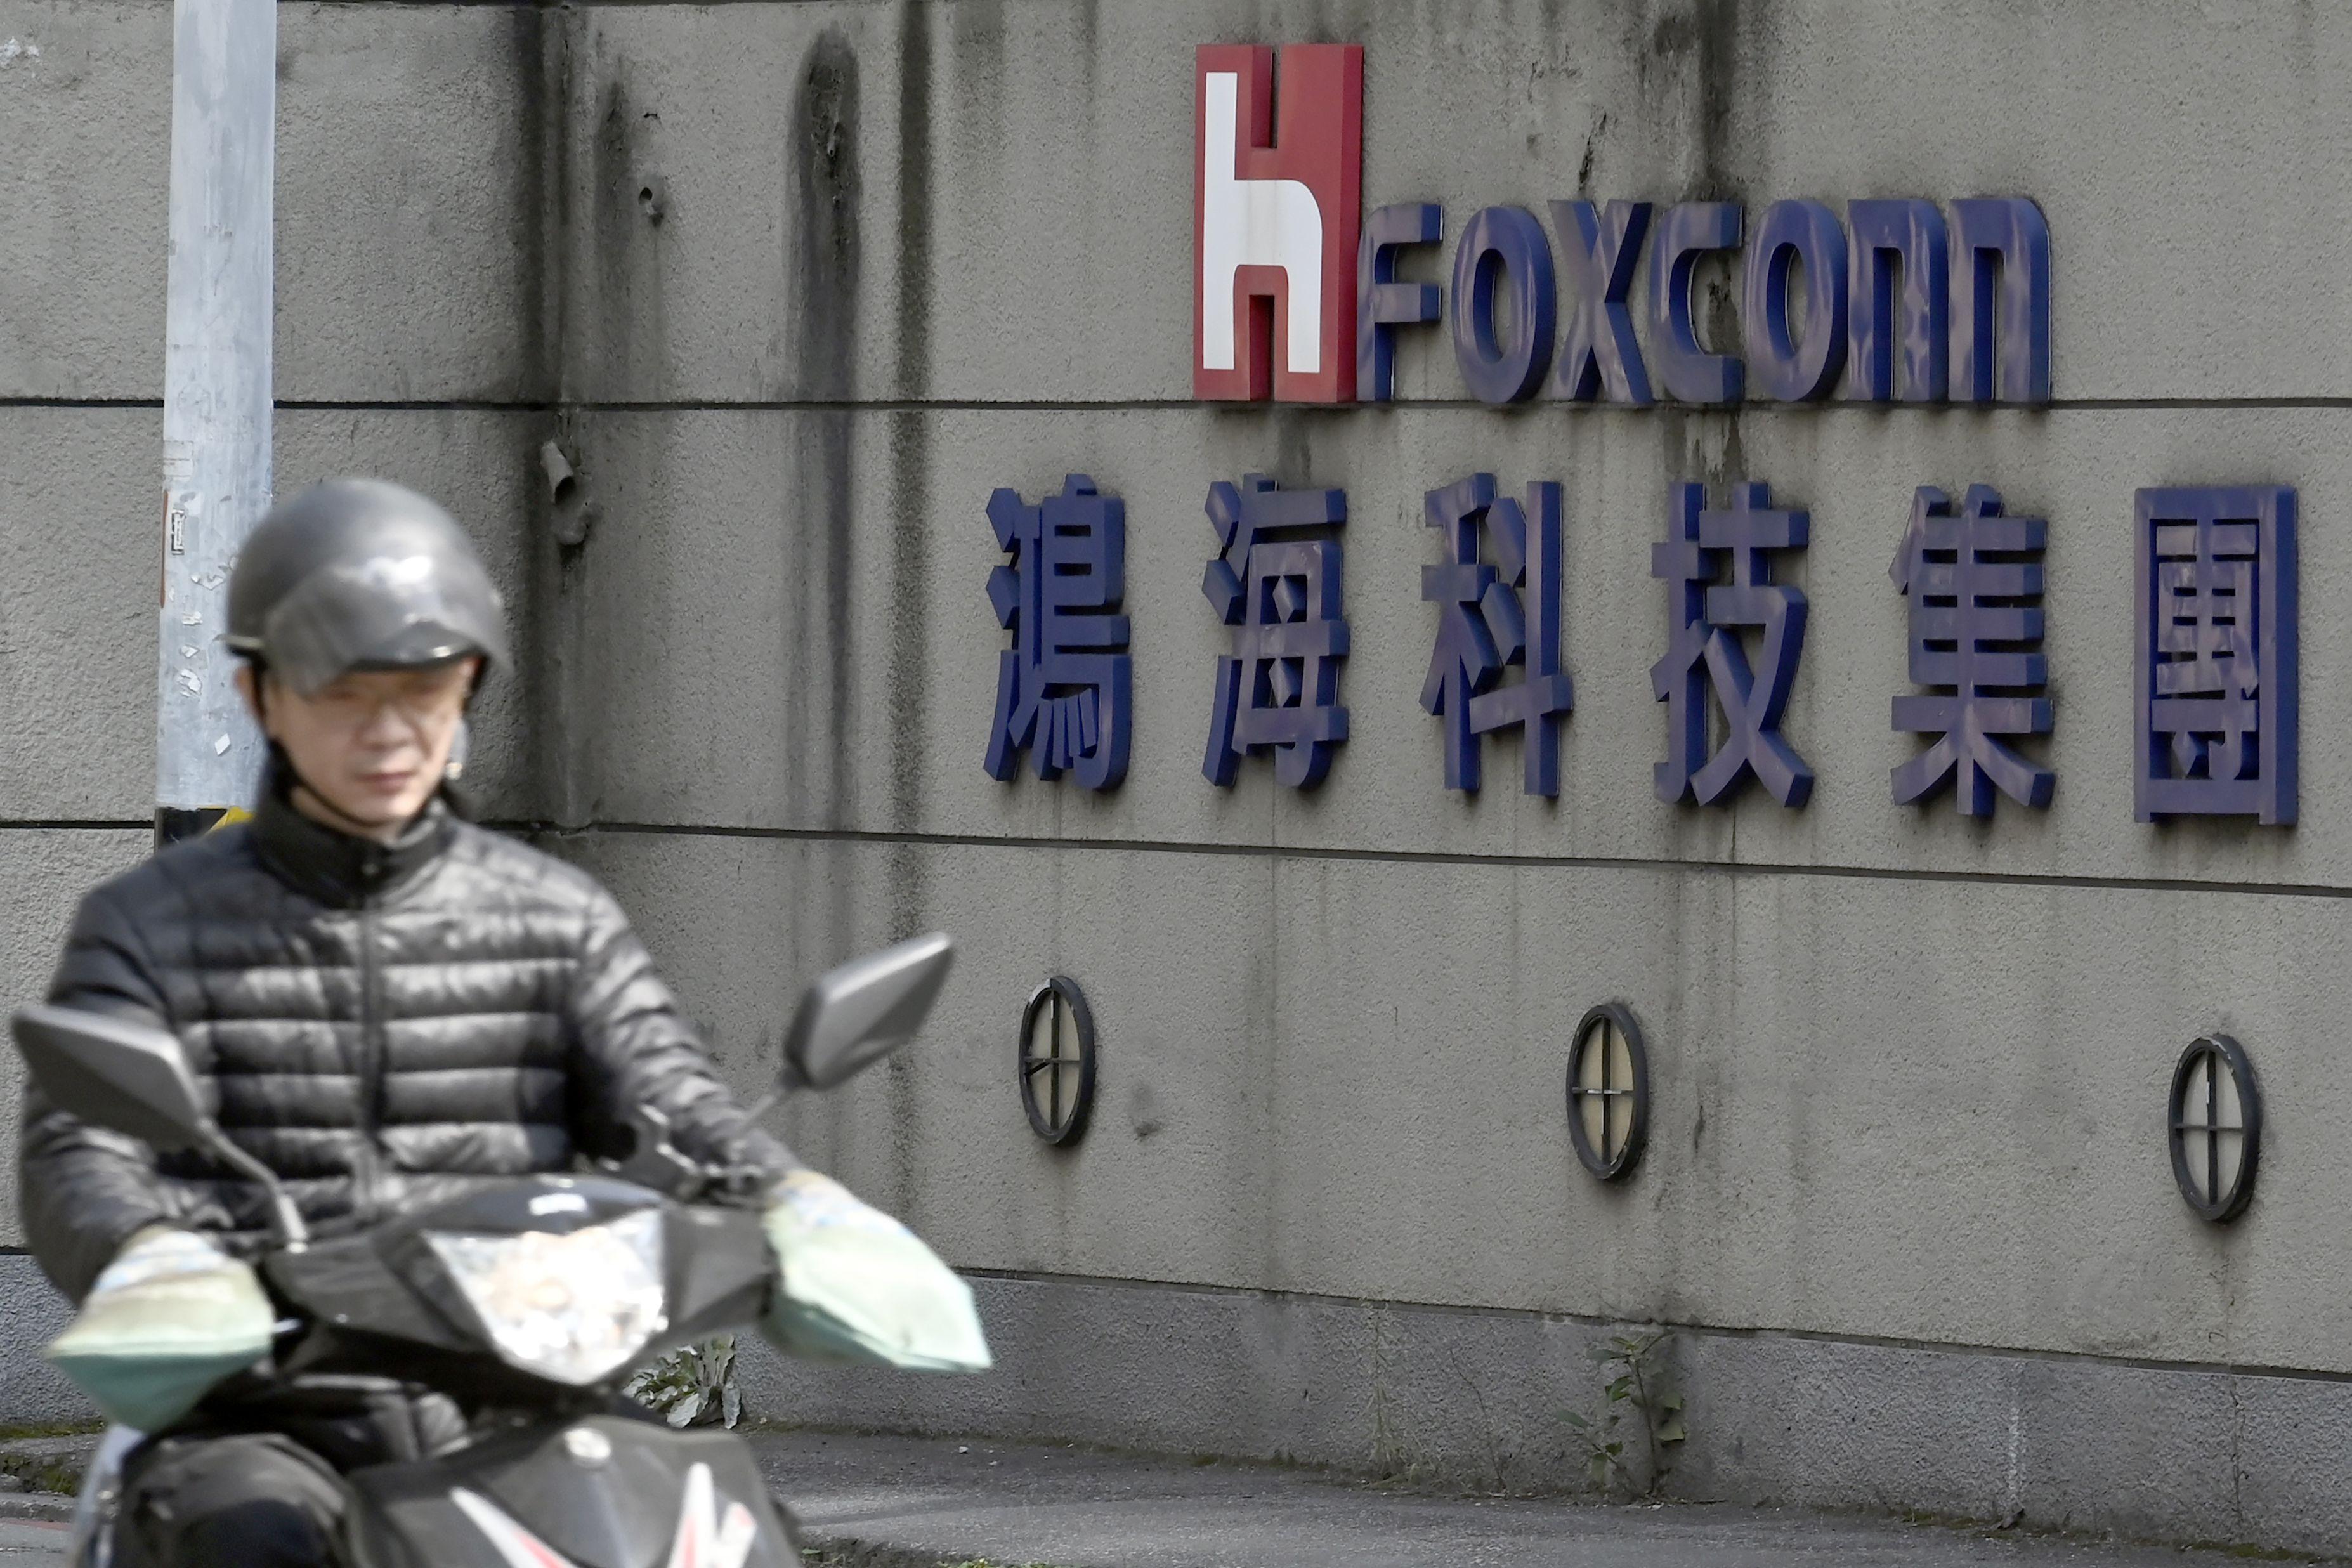 陸工廠實習生爆超時 鴻海:已開除失職主管